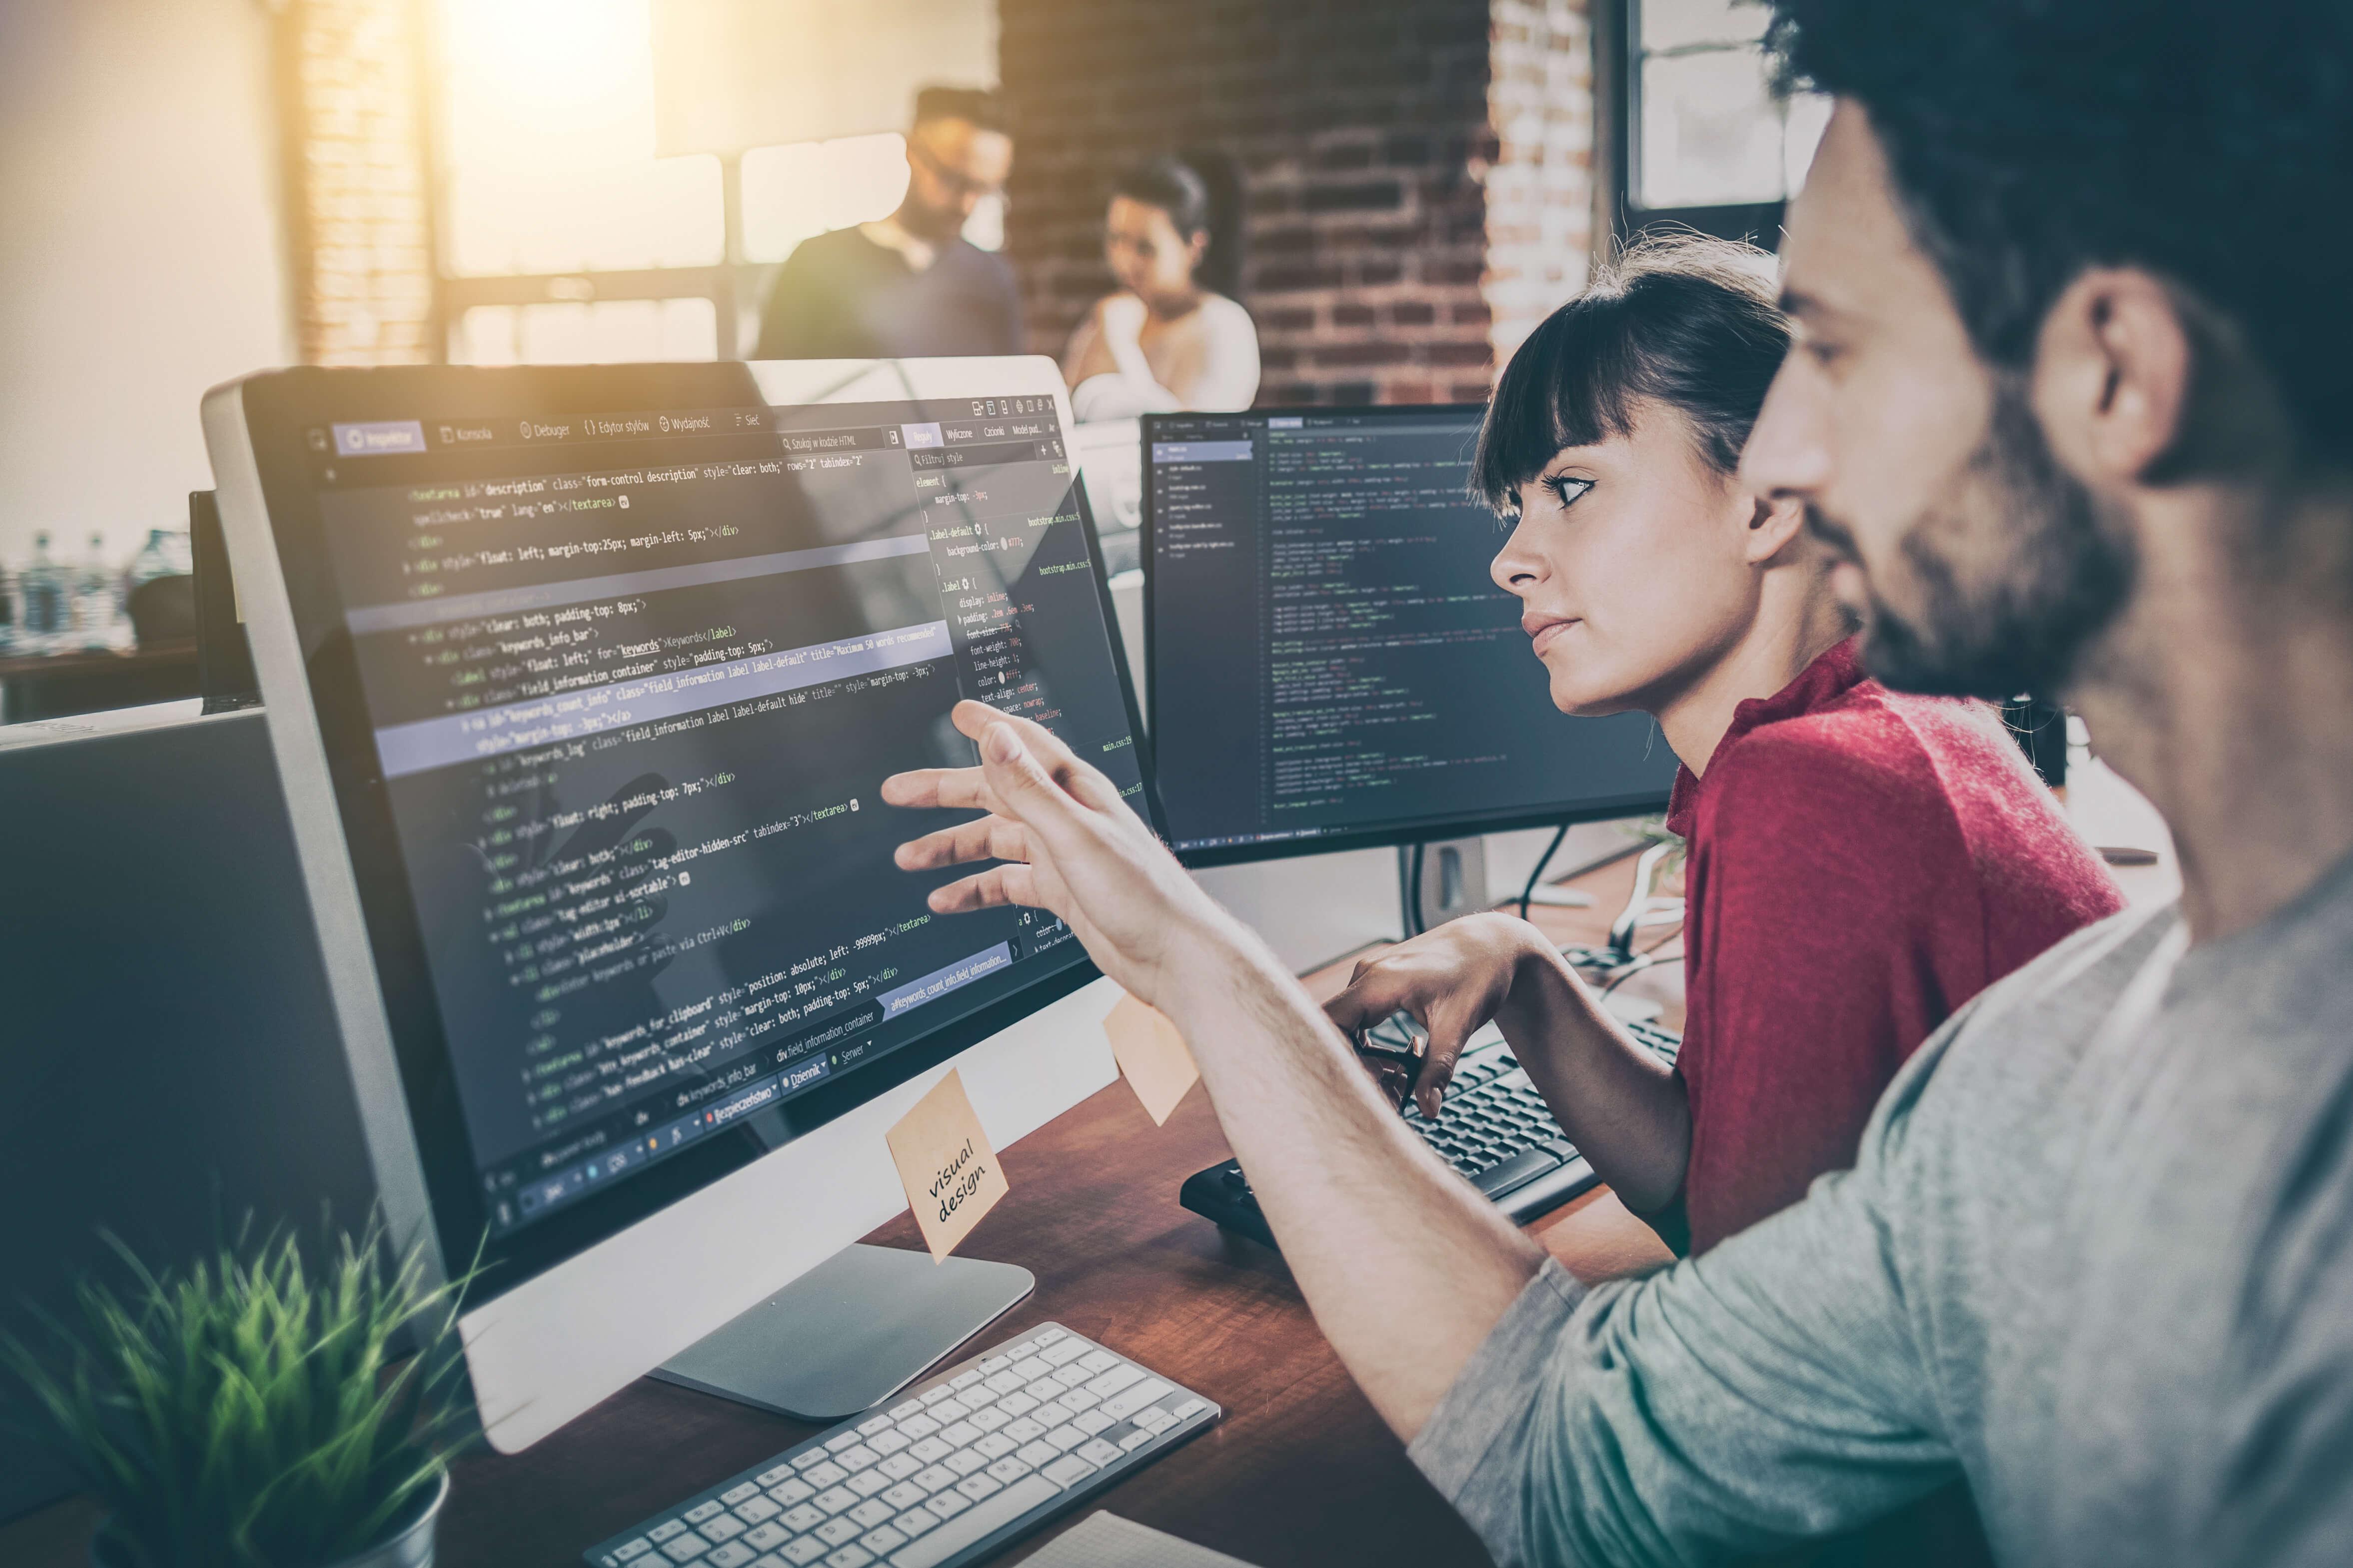 Webエンジニアは週末起業で収入アップ!週末起業エンジニアの可能性